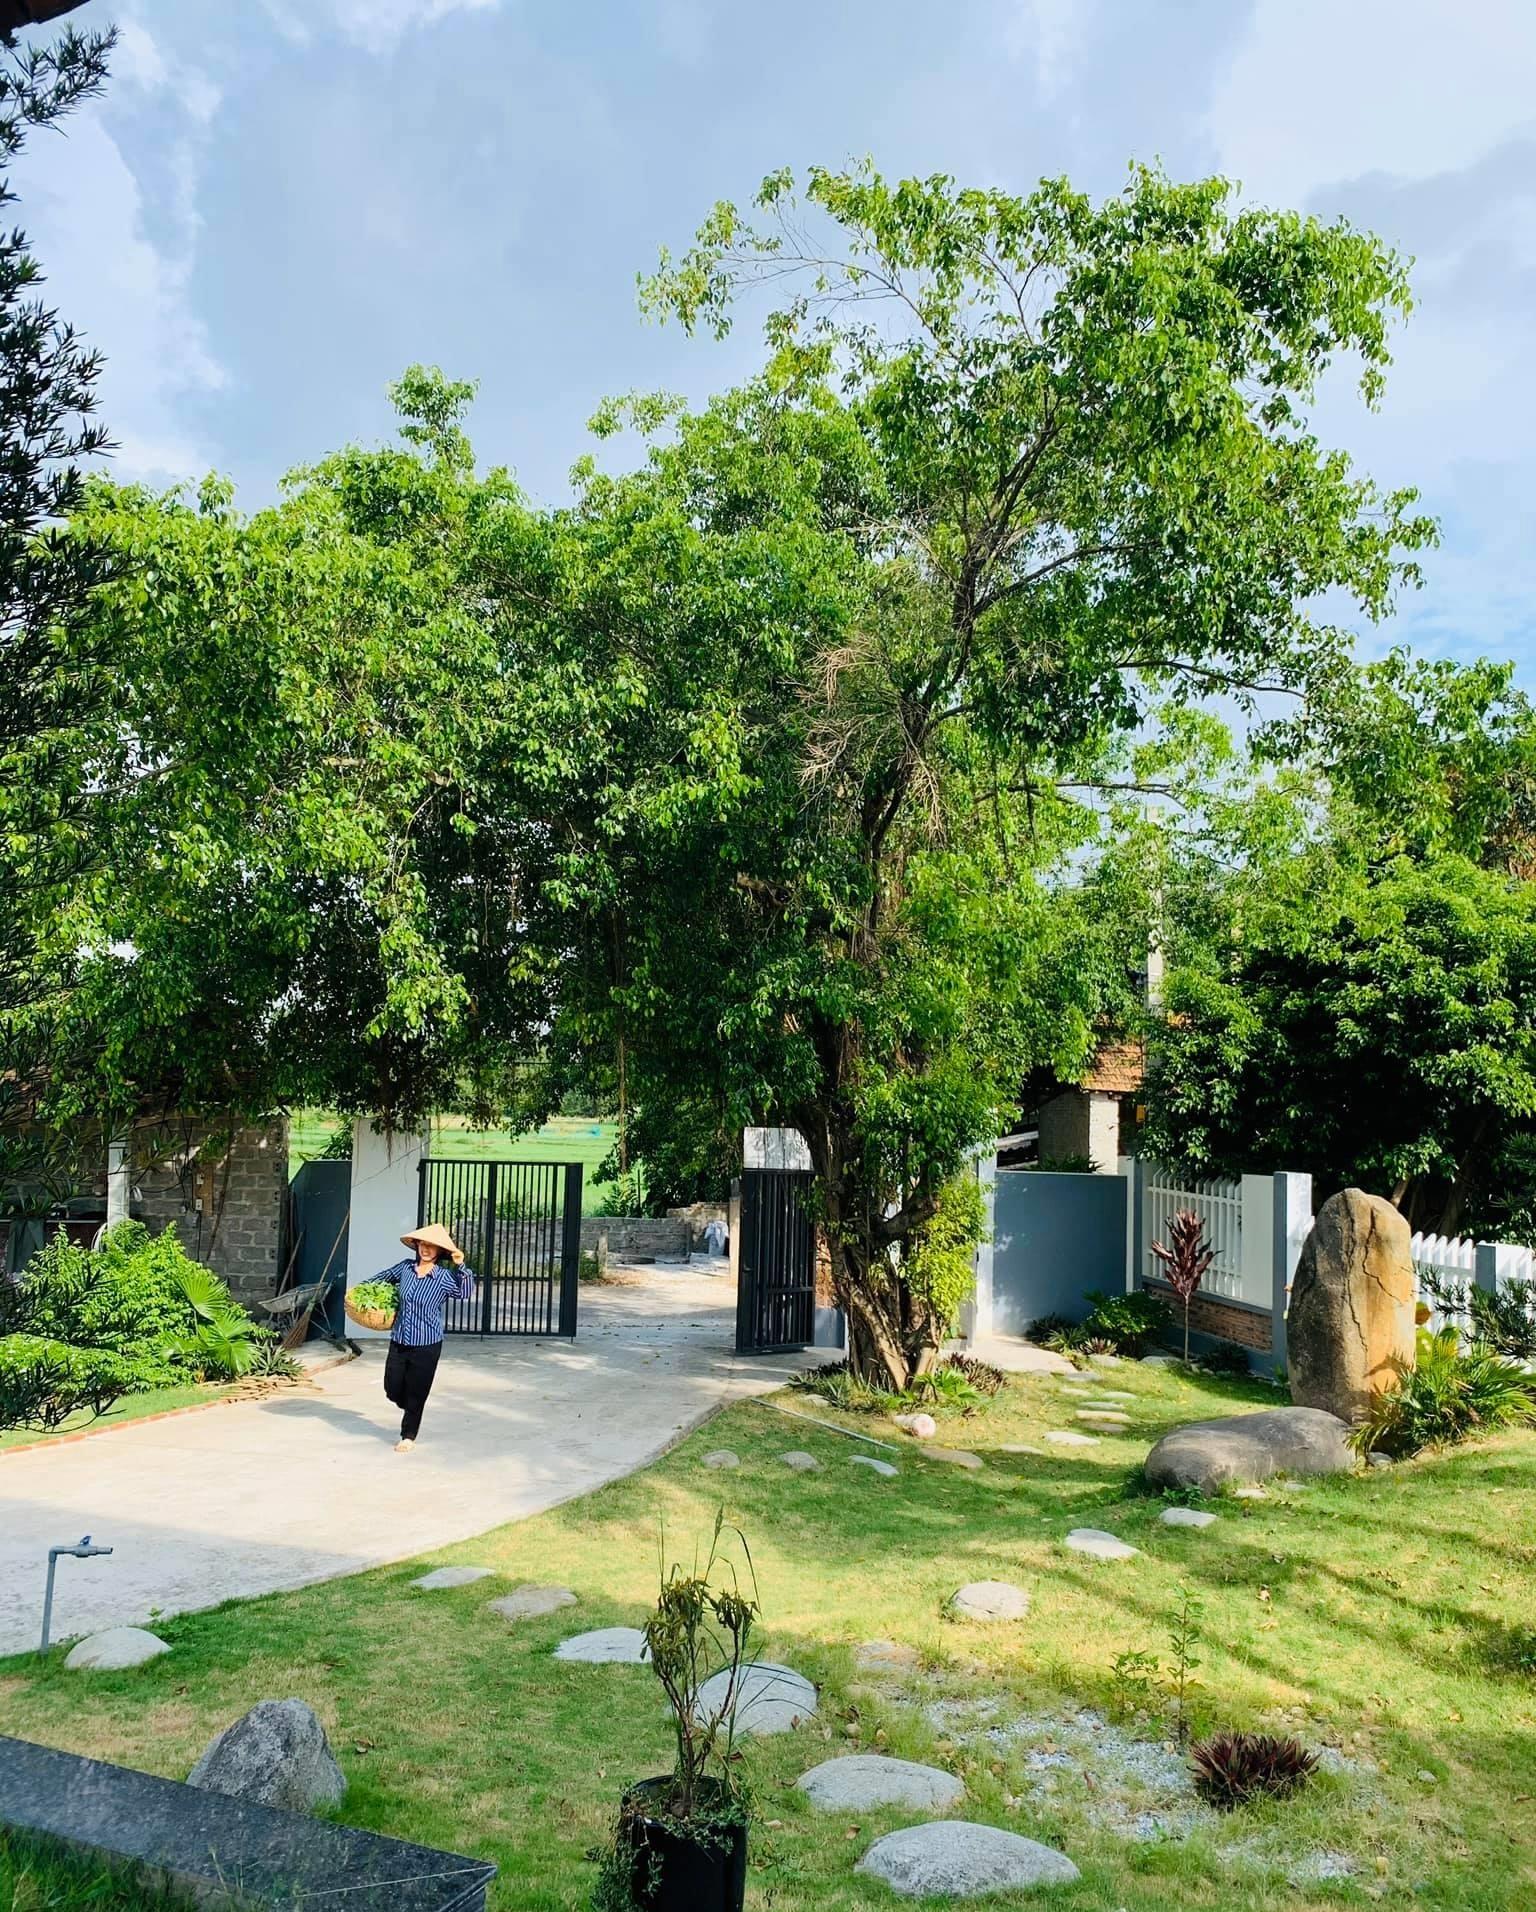 6 15987998998721019766371 - Con trai xây nhà vườn bên đồng lúa xanh mát tặng bố mẹ an hưởng tuổi già ở Vĩnh Phúc